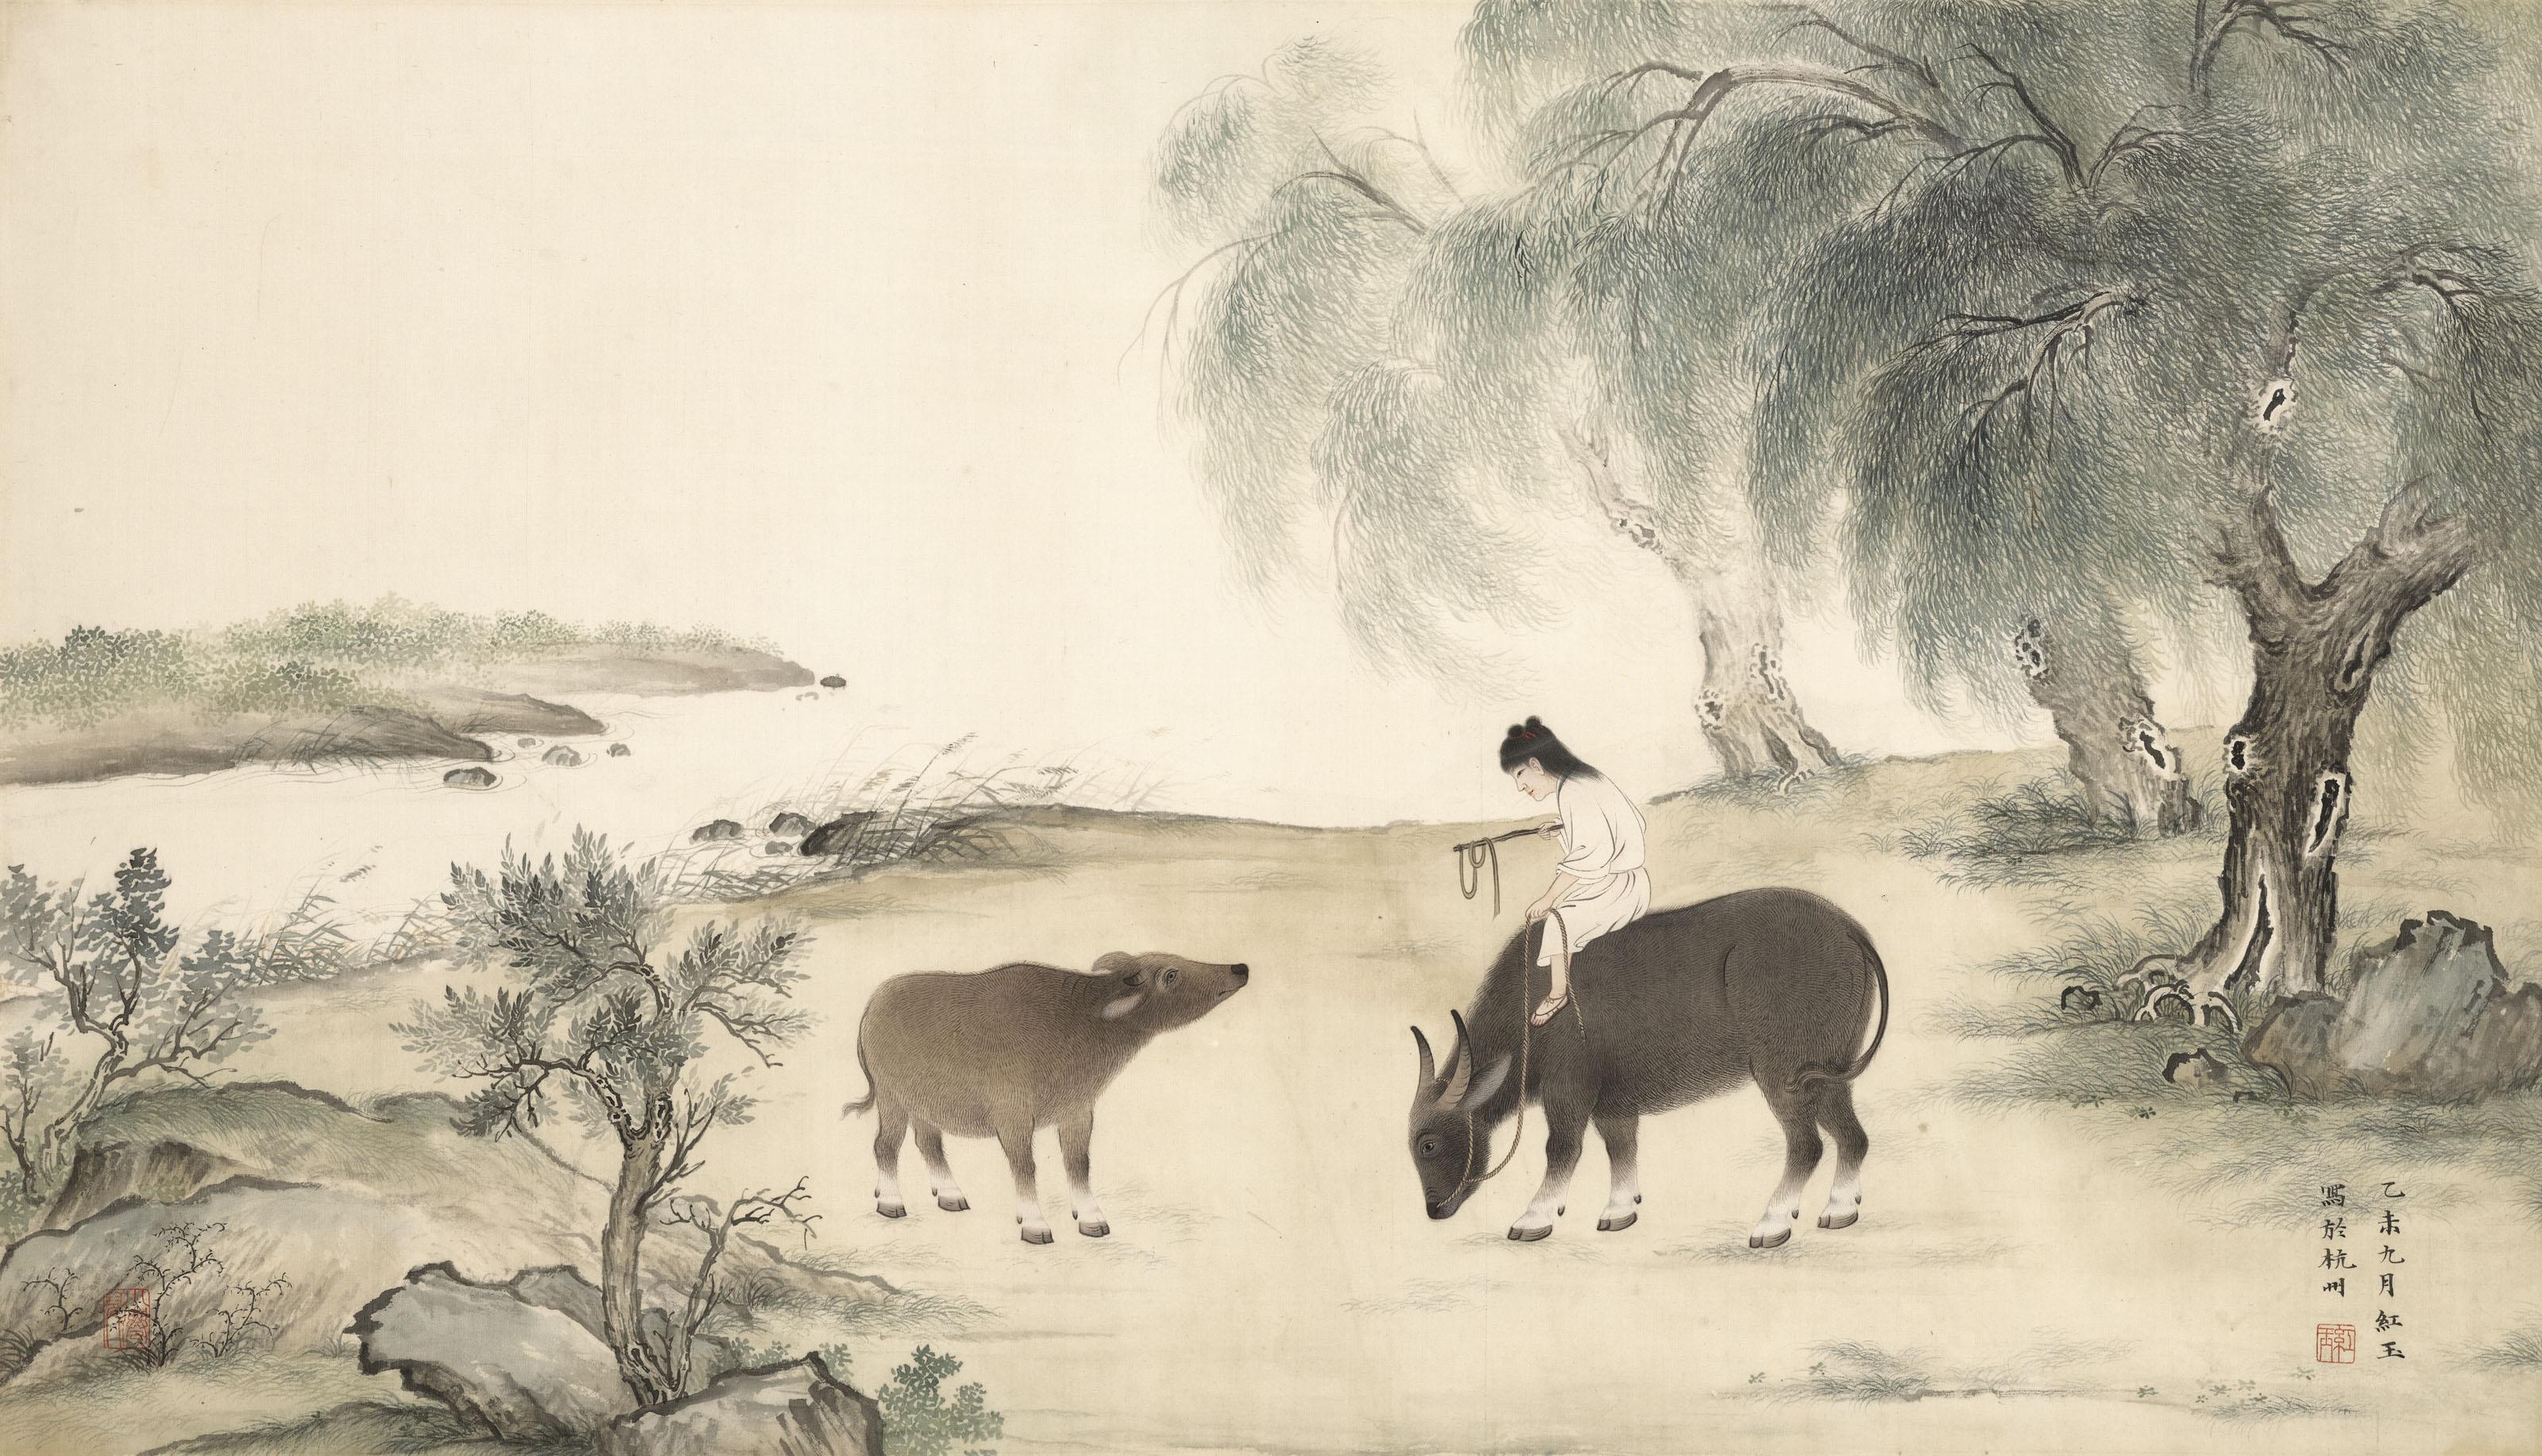 HE HONGYU (B. 1984)